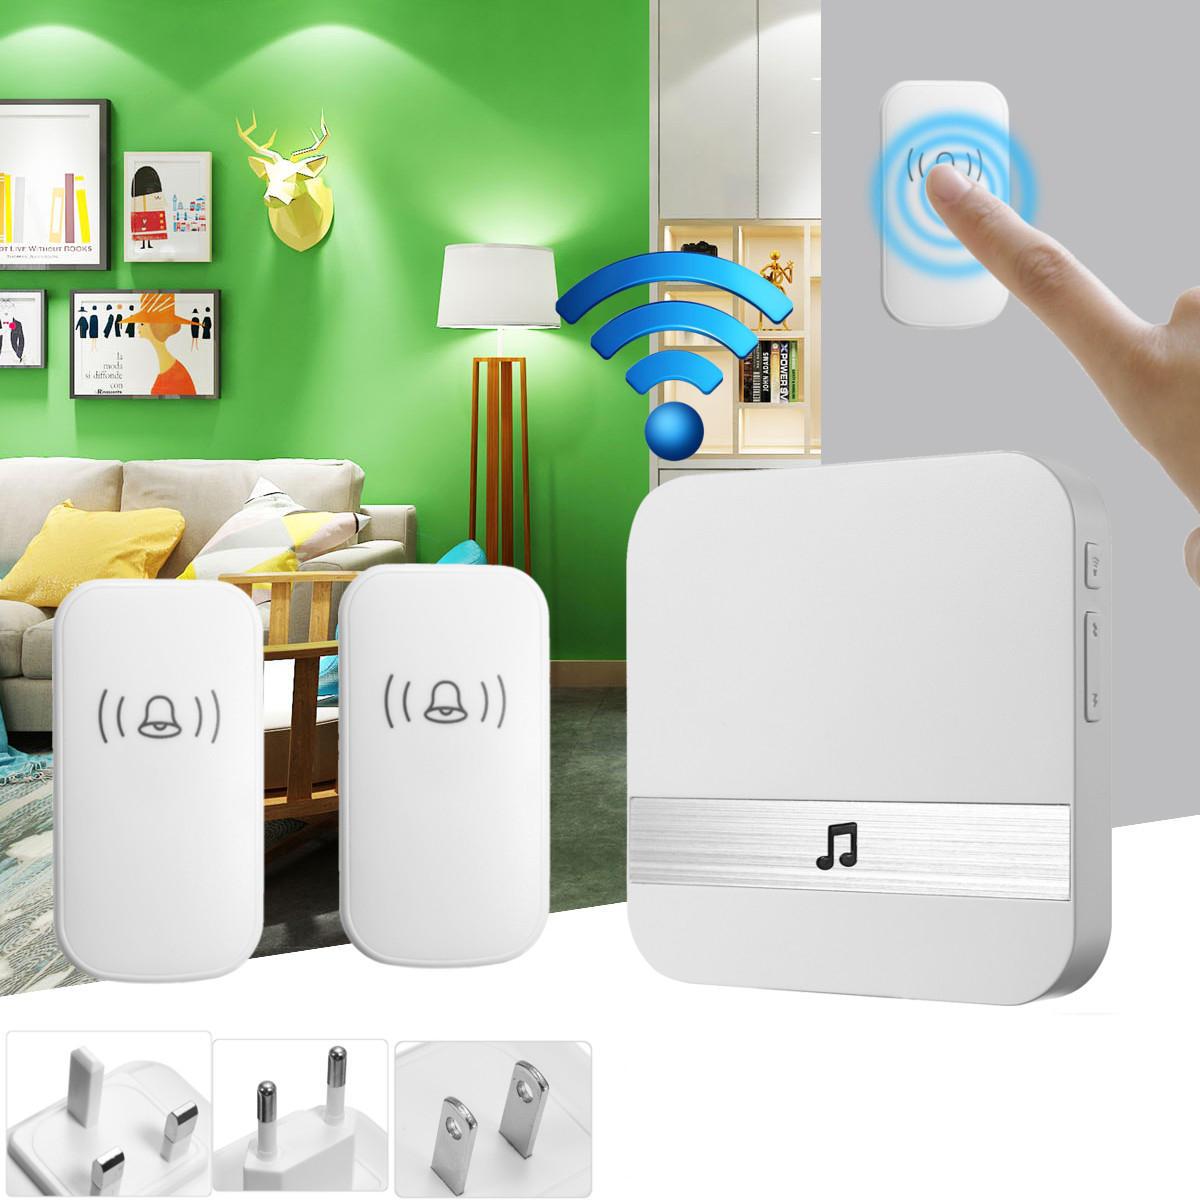 300M Waterproof LED Wireless Doorbell 52 Songs Chime Door Bell SOS EU/US/UK Plug